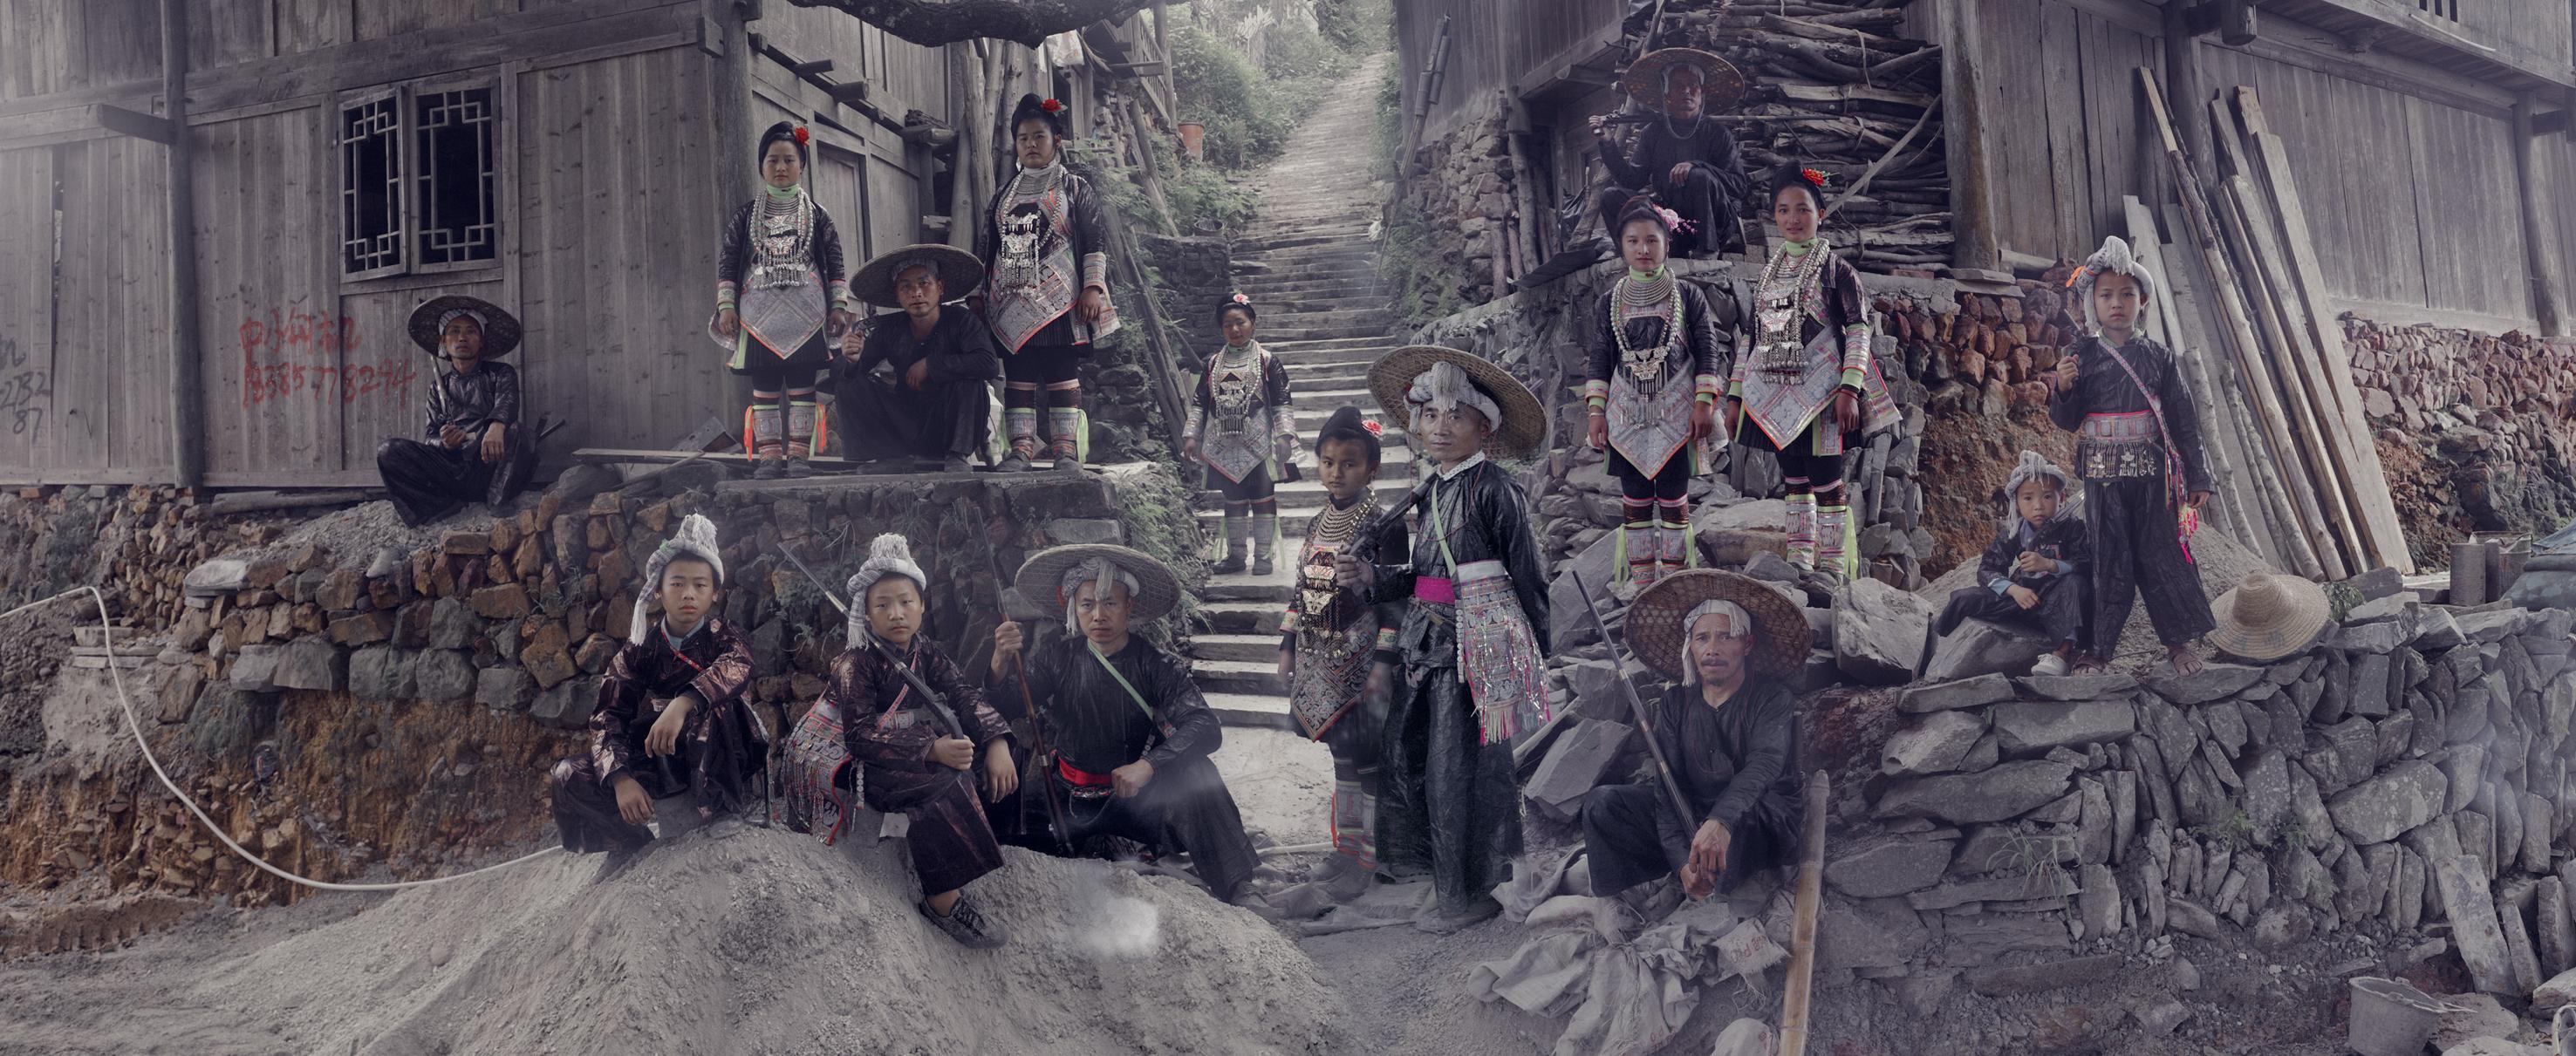 XXII 8, Basha Miao Village, Congjiang, Qiandongnan, Guizhou China, 2016